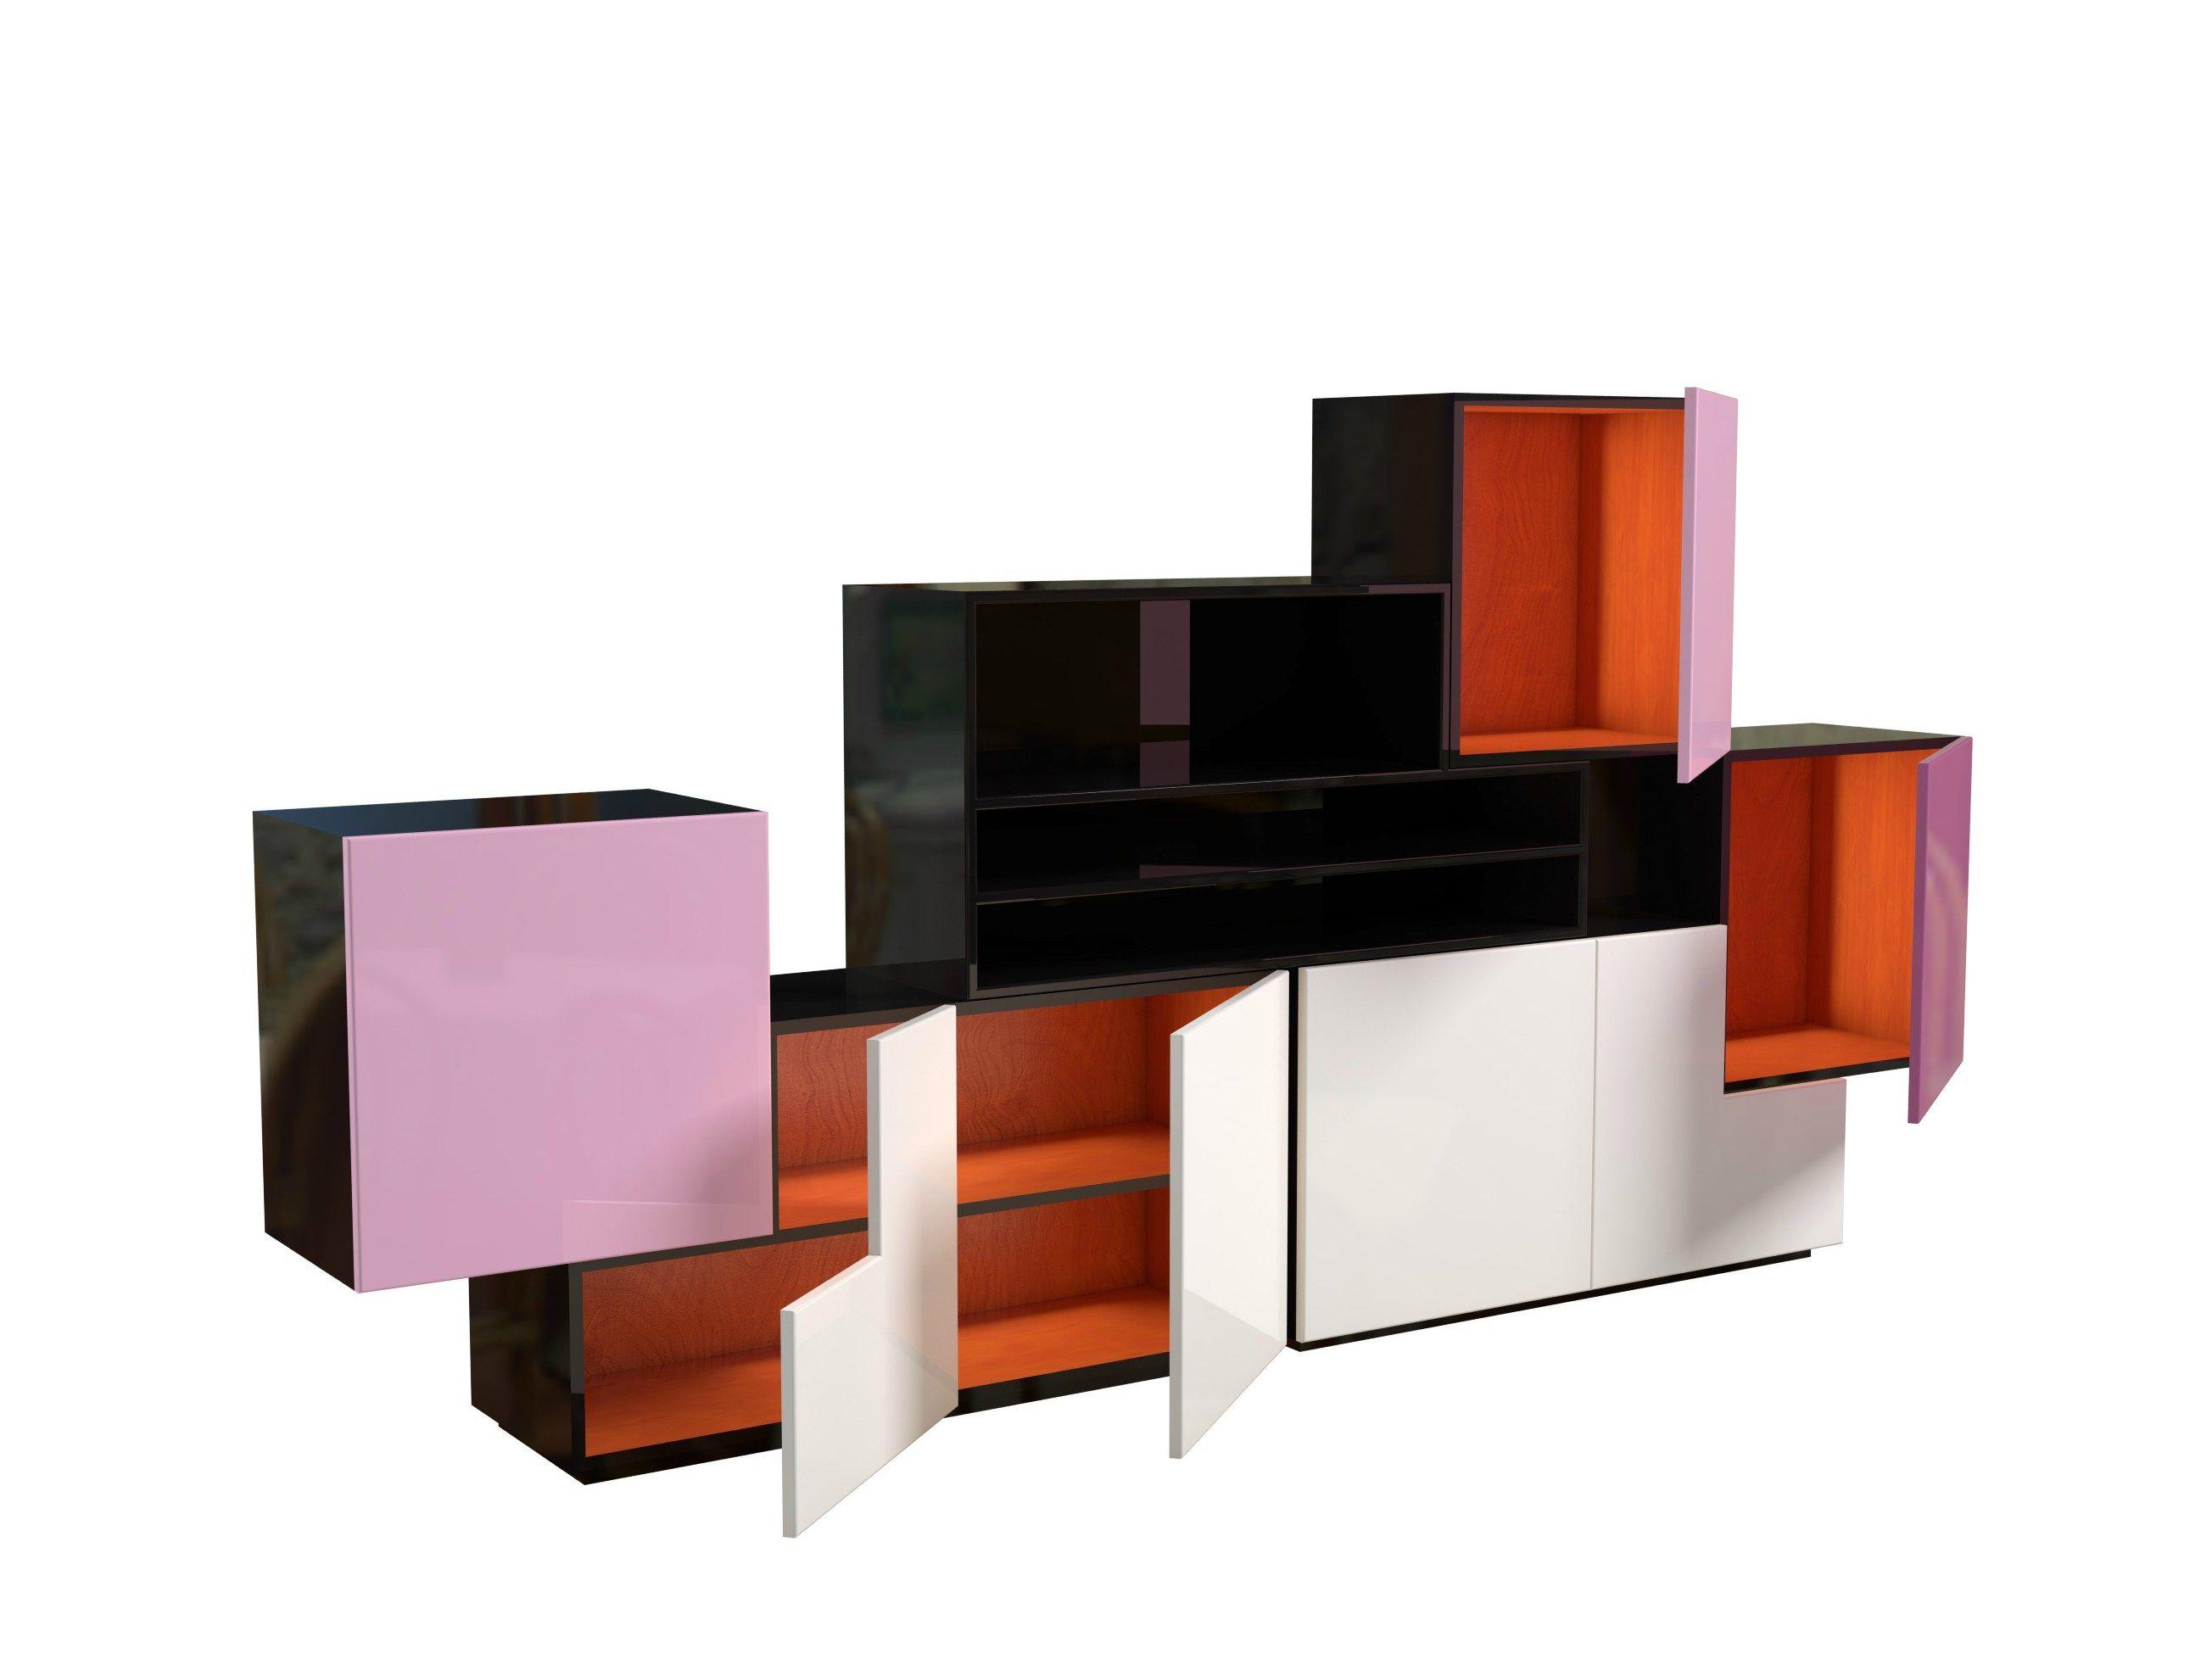 Muebles Auxiliares De Diseo Muebles Cublimobax Muebles  # Muebles Nemesis